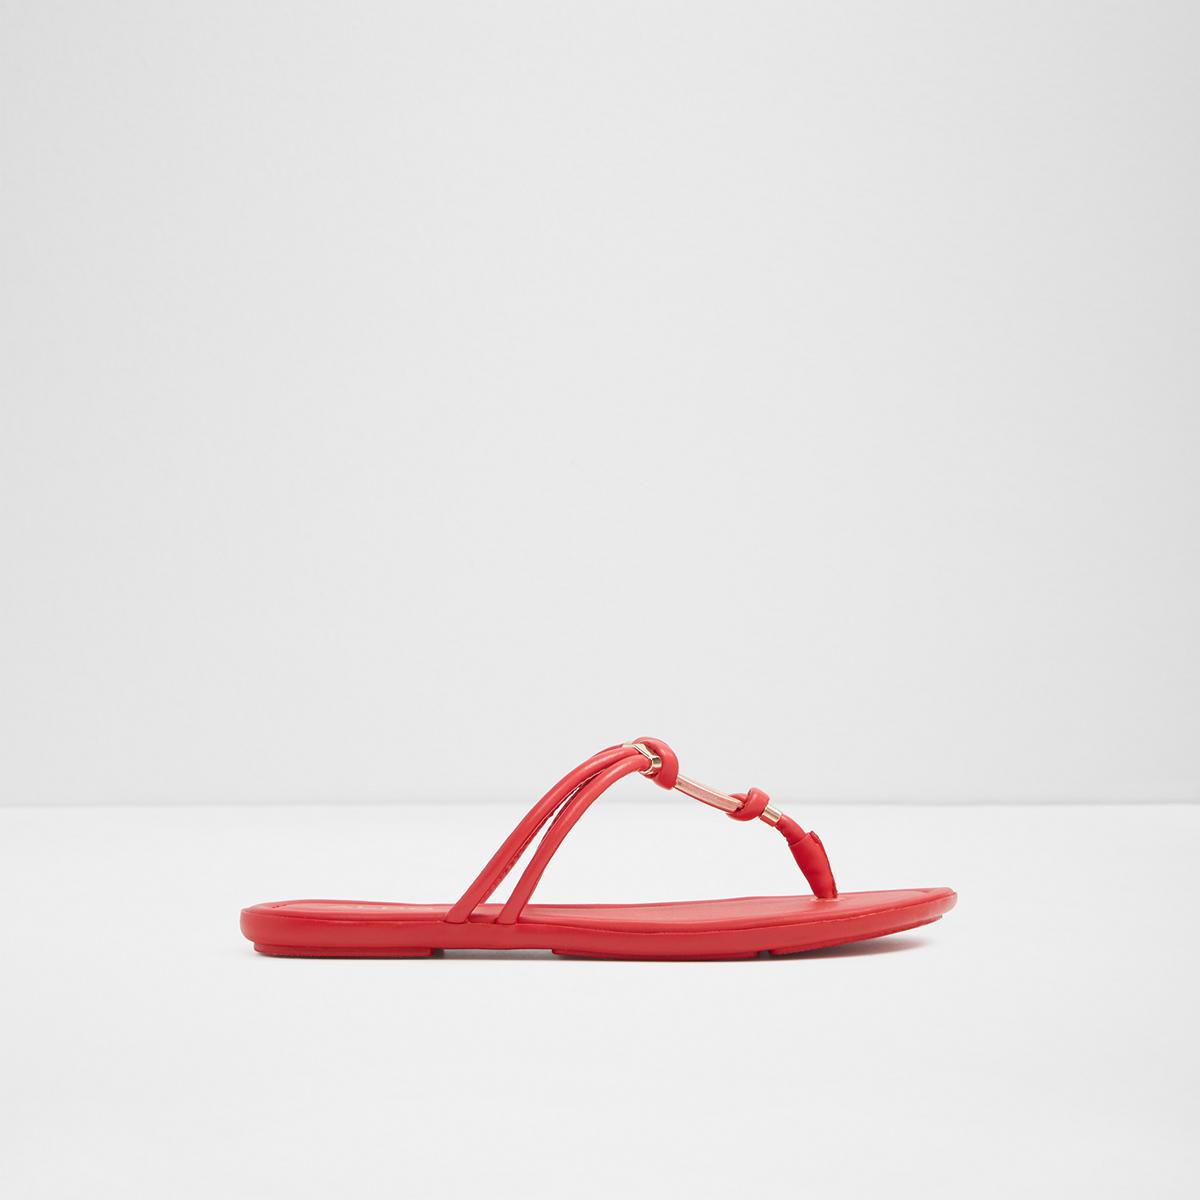 Erkunden Verkauf Online Günstig Kaufen Modisch Aldo Sandale 'Kederravia' Rot OQApqRPt